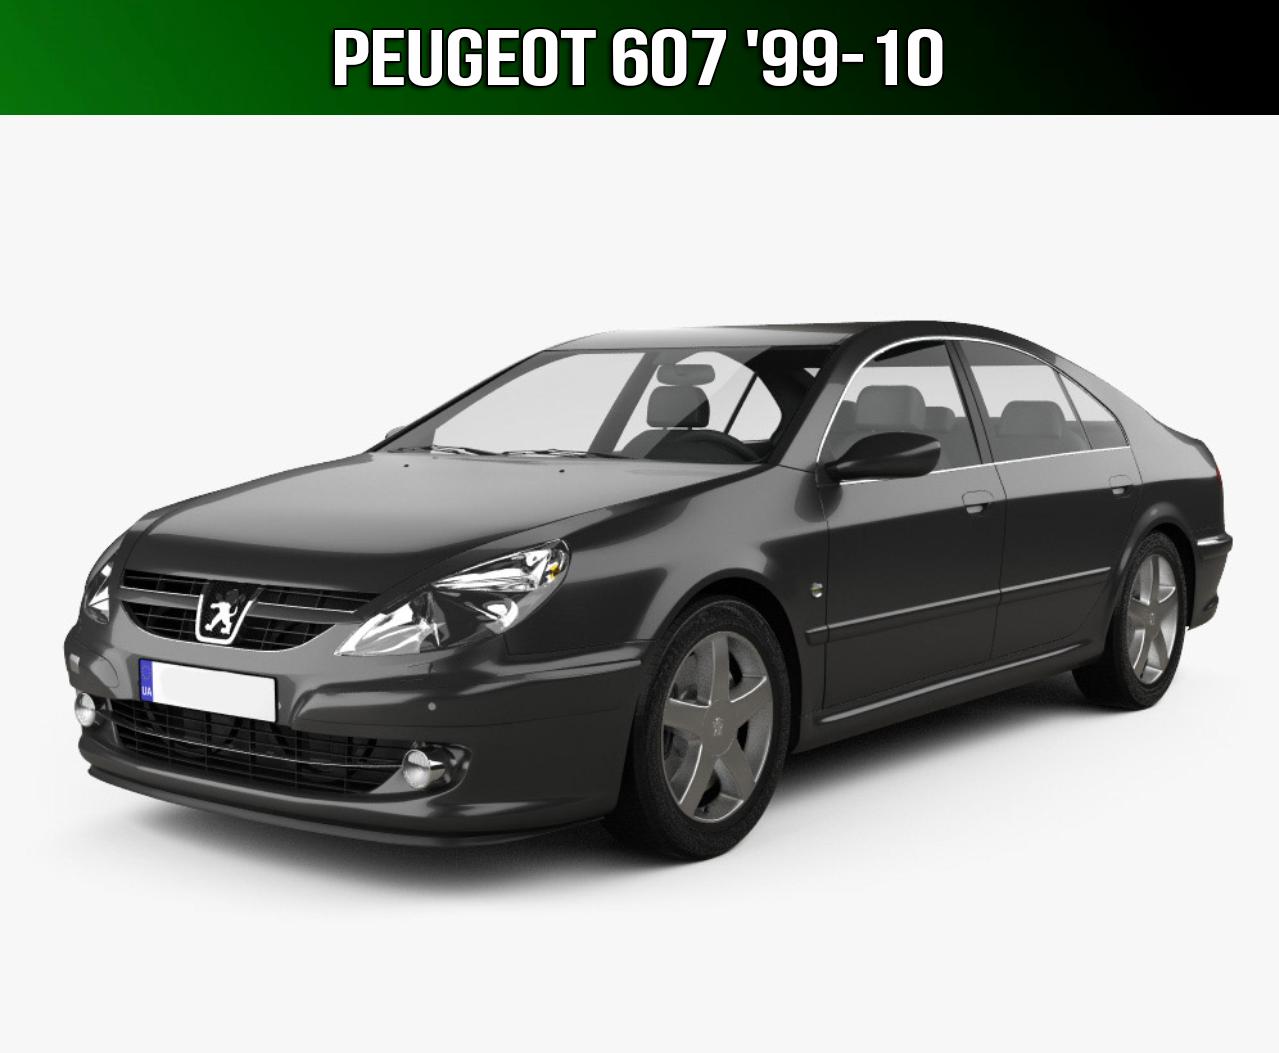 ЕВА коврики на Peugeot 607 '99-10. Ковры EVA Пежо 607